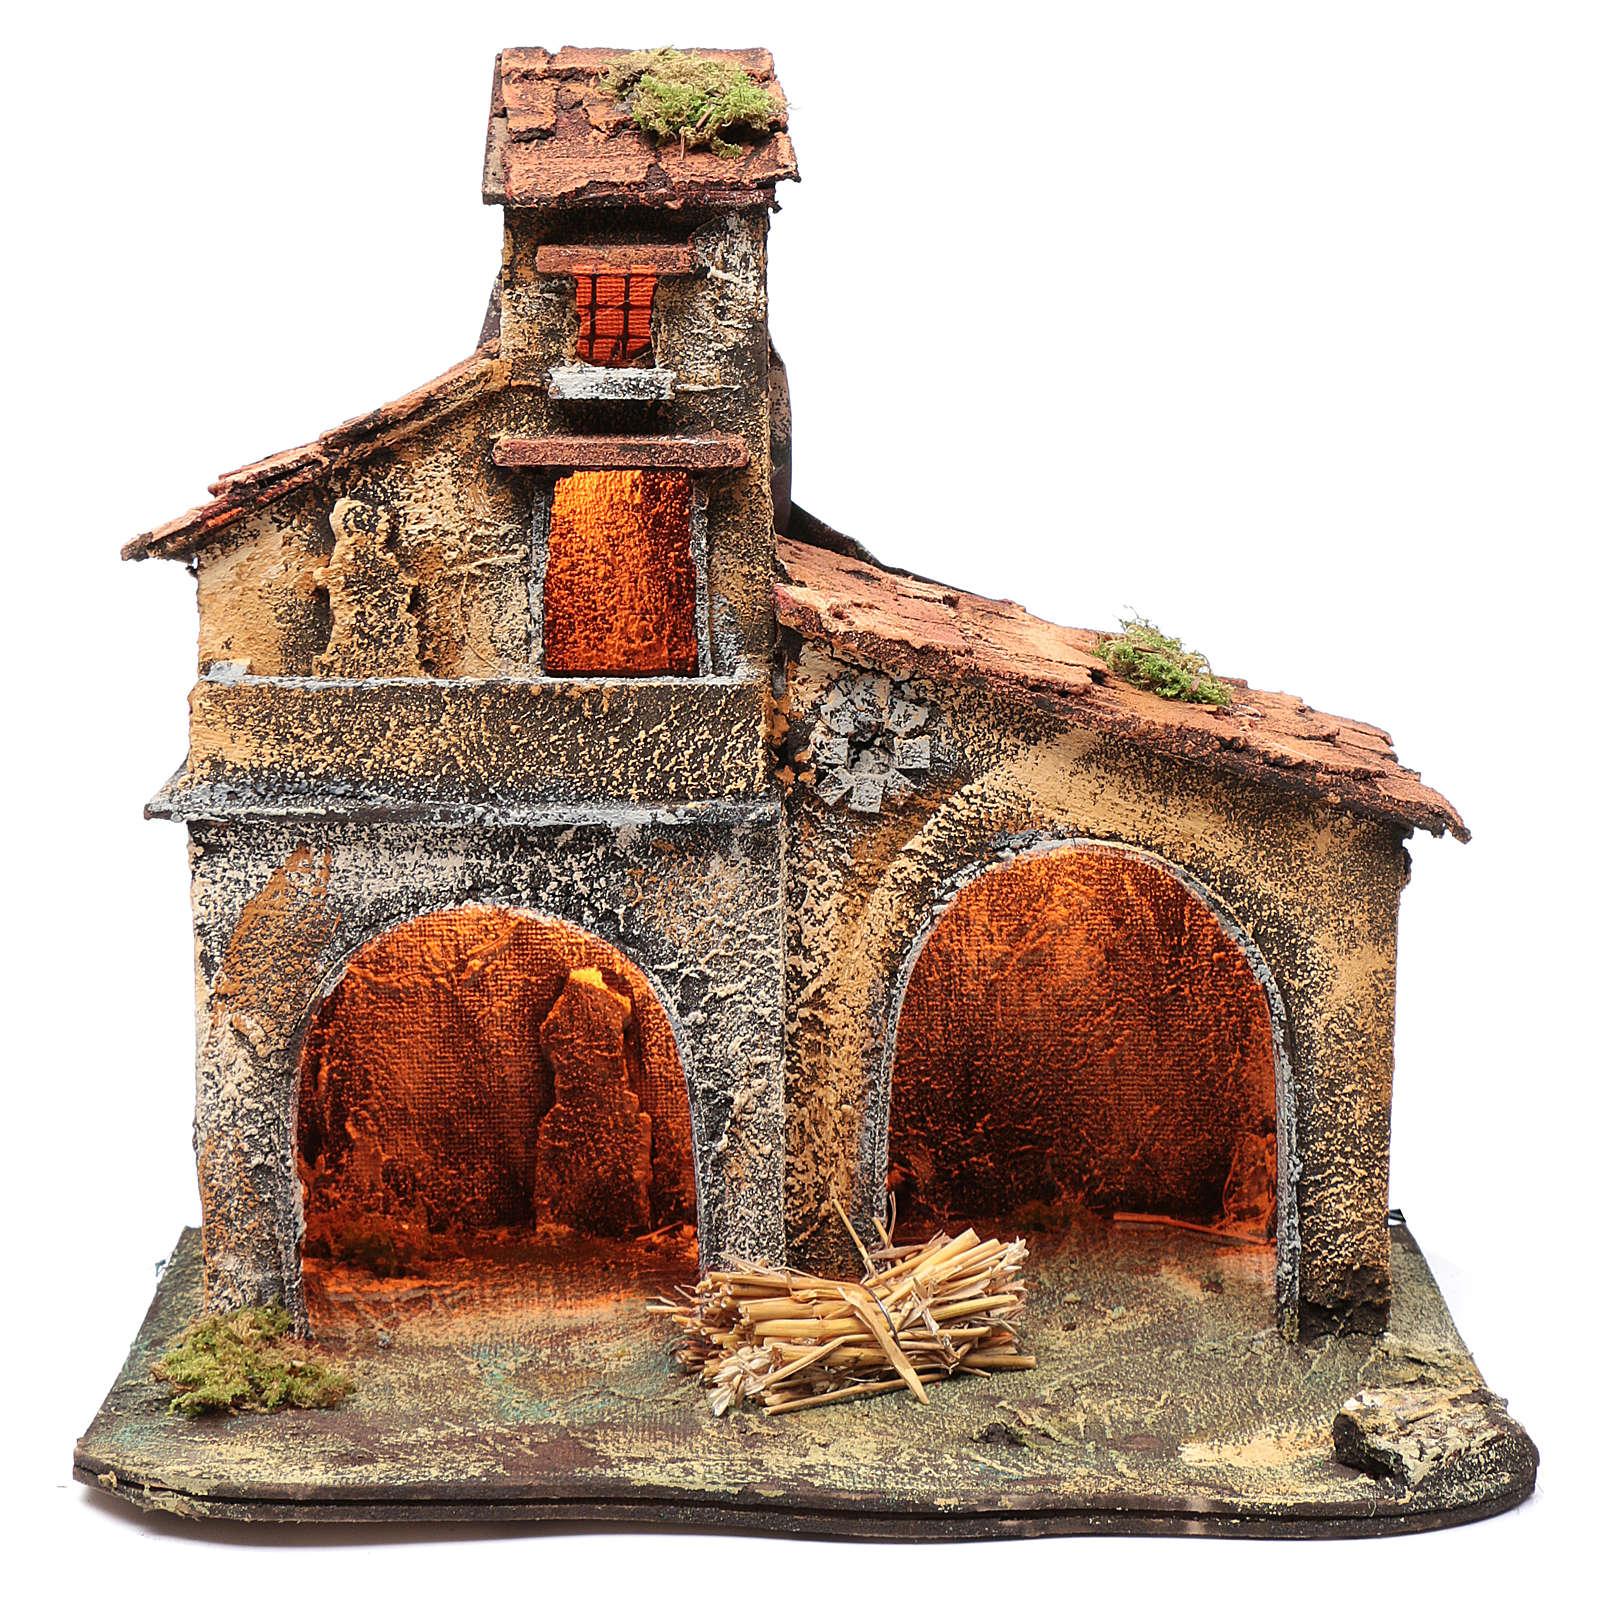 Cabane bois crèche napolitaine 40x44x30 cm 4